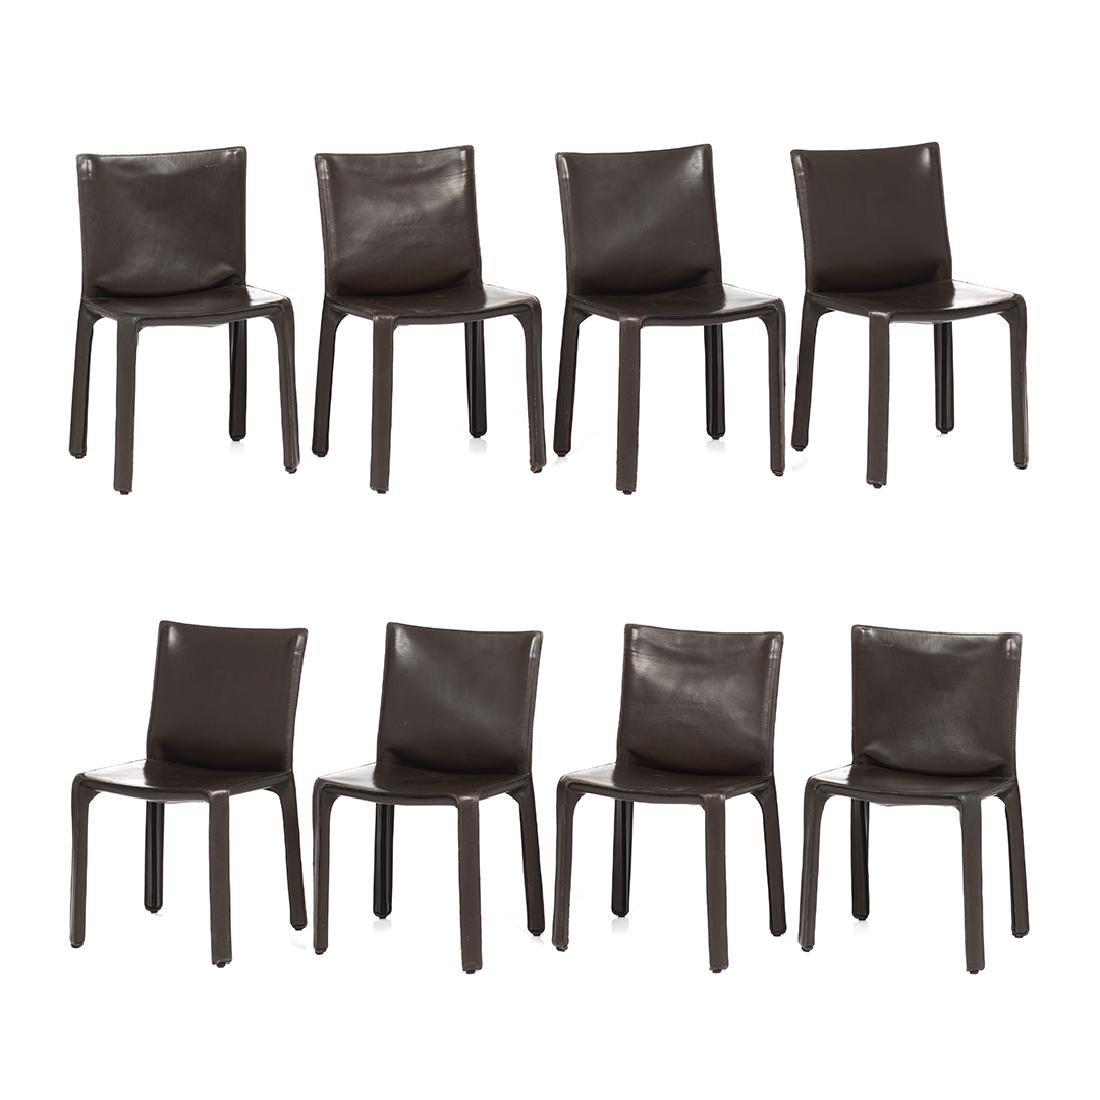 Mario Bellini Cab Chairs (8)